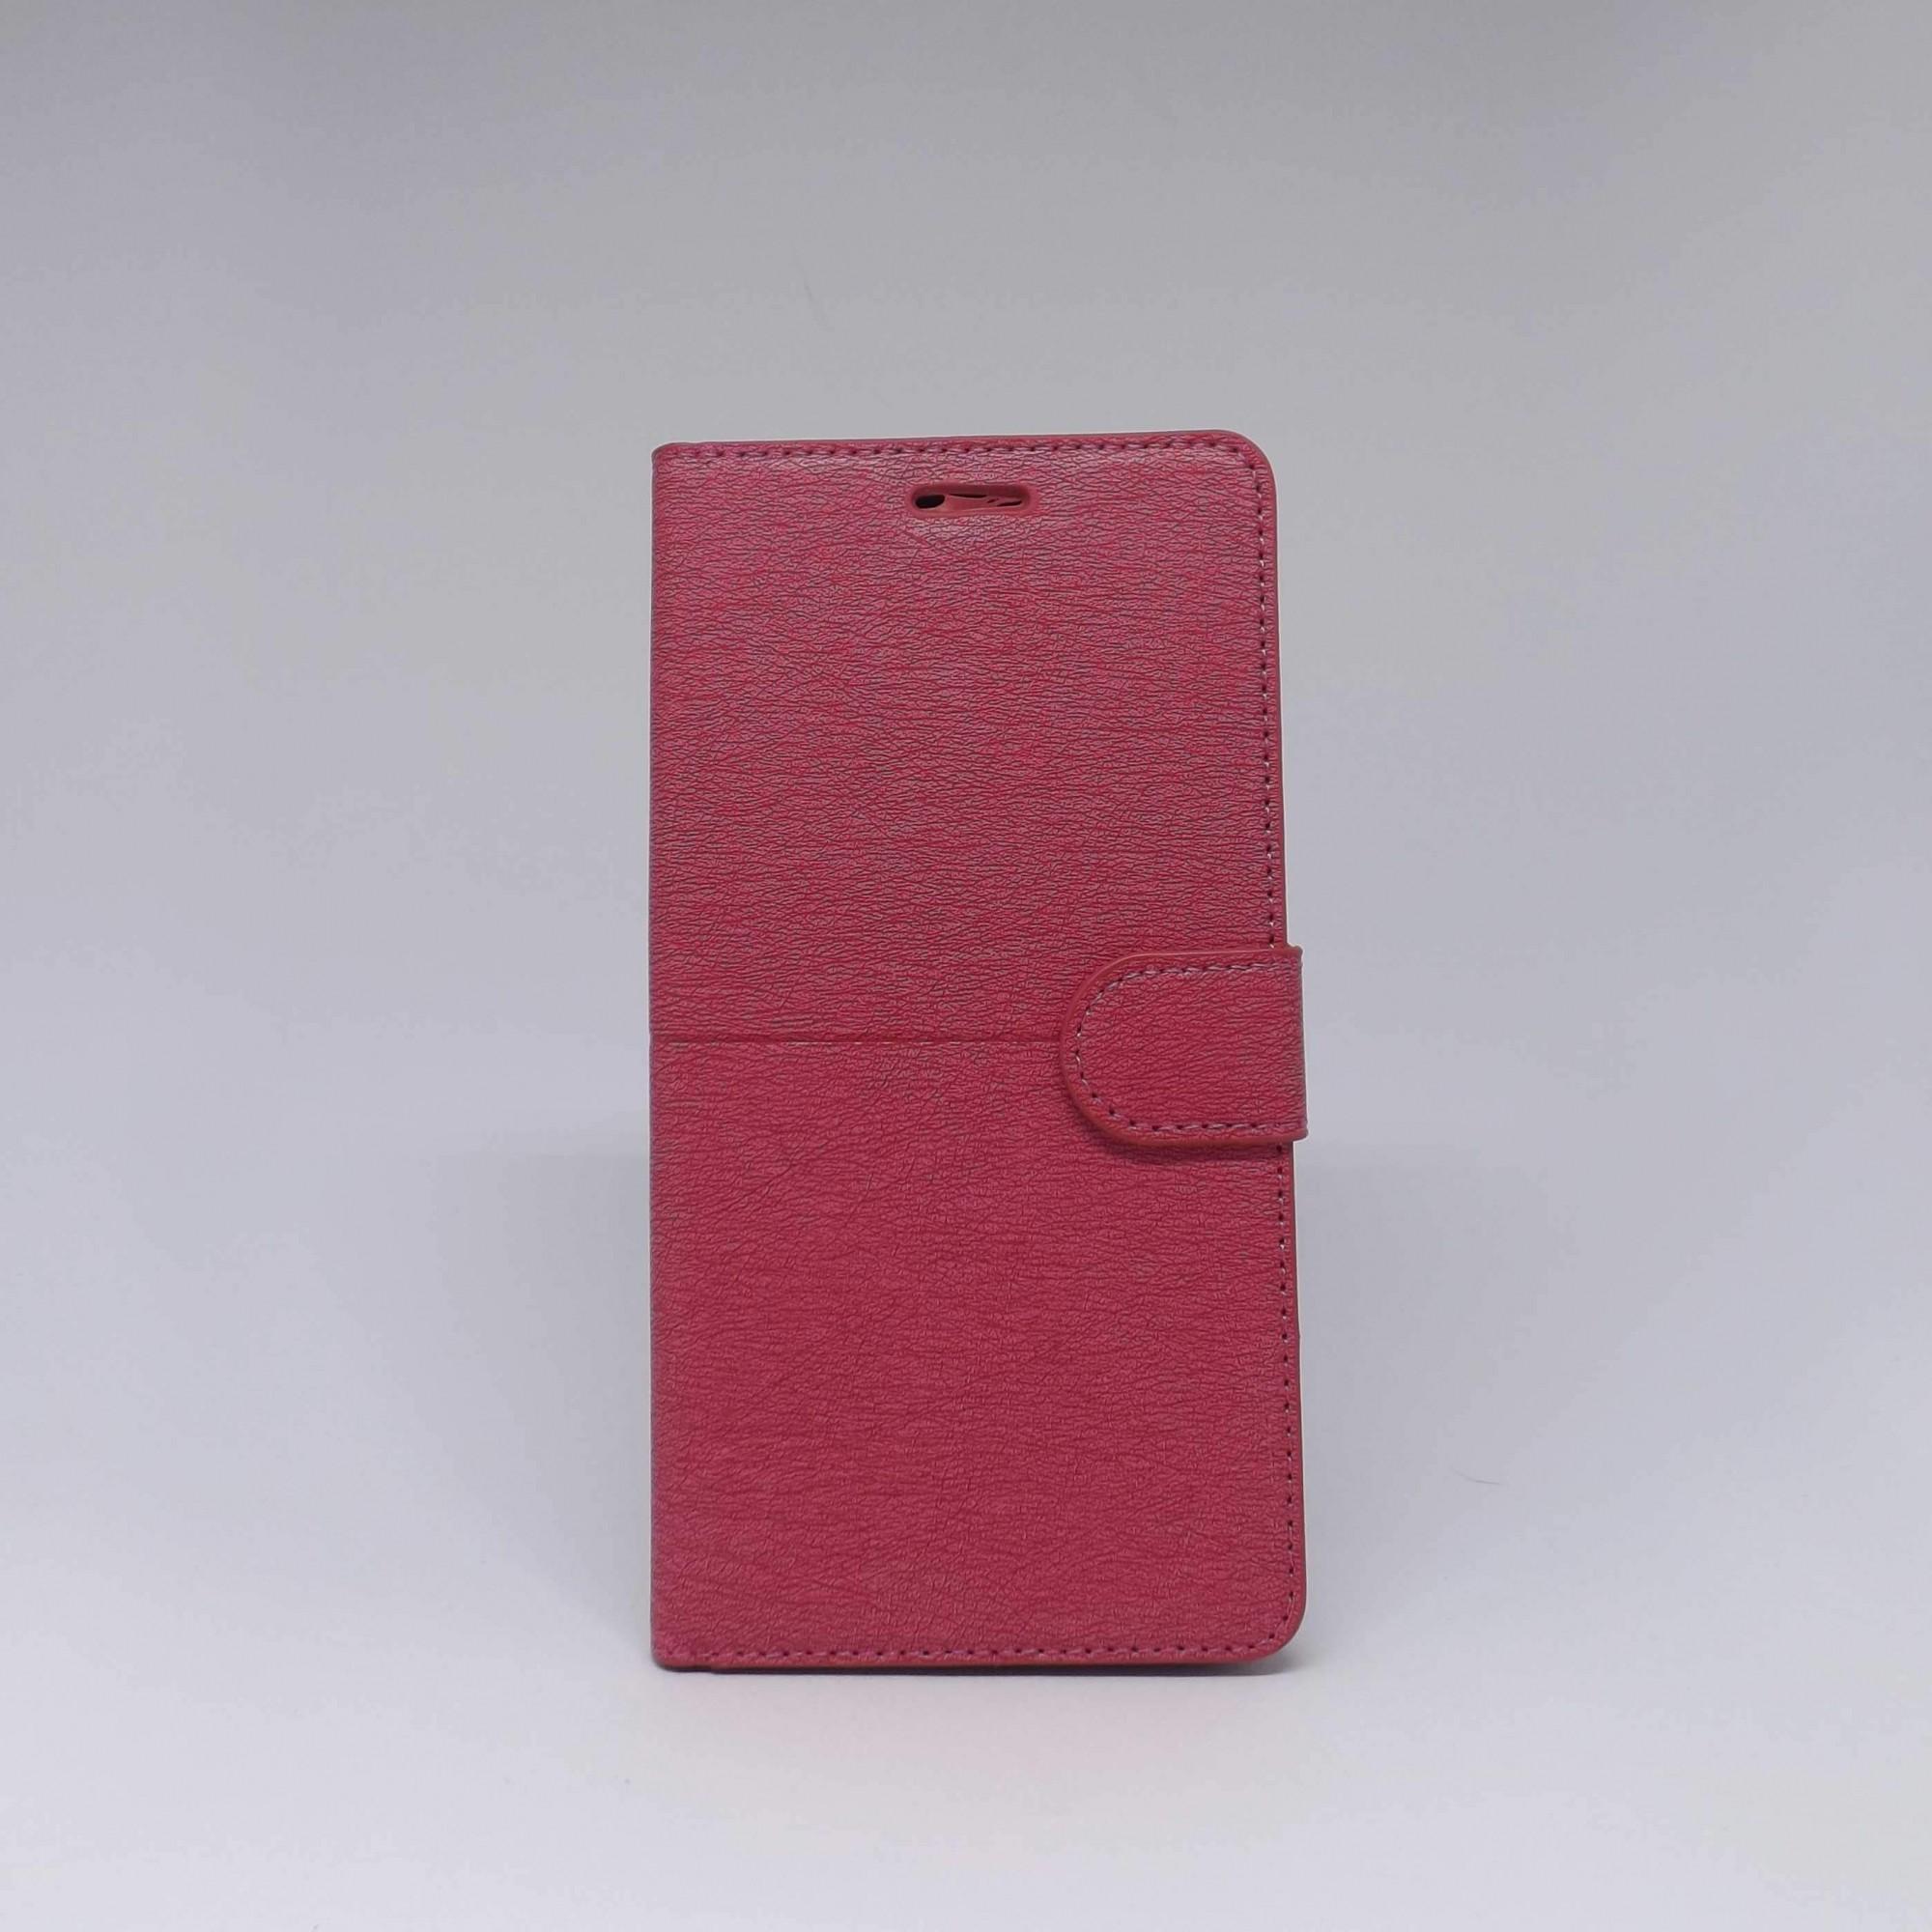 Capa Samsung Galaxy A21s Carteira